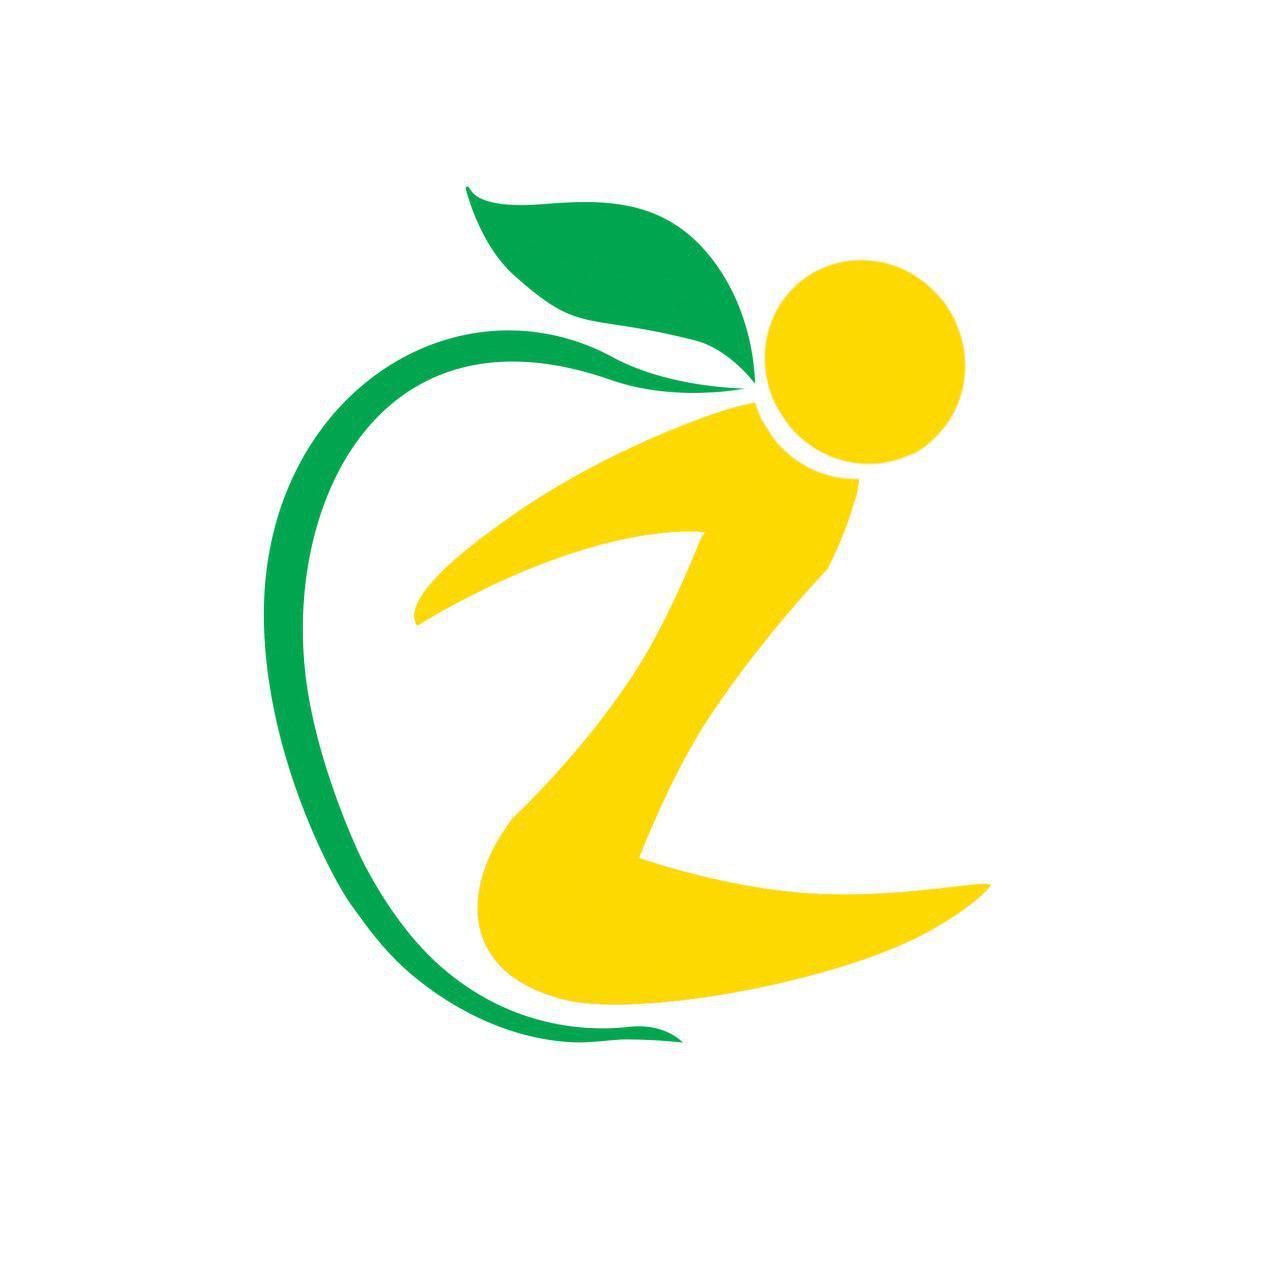 باشگاه ورزشی زاکی ویژه بانوان: باشگاه ورزشی نمونه مشهد با افتخارات بسیار